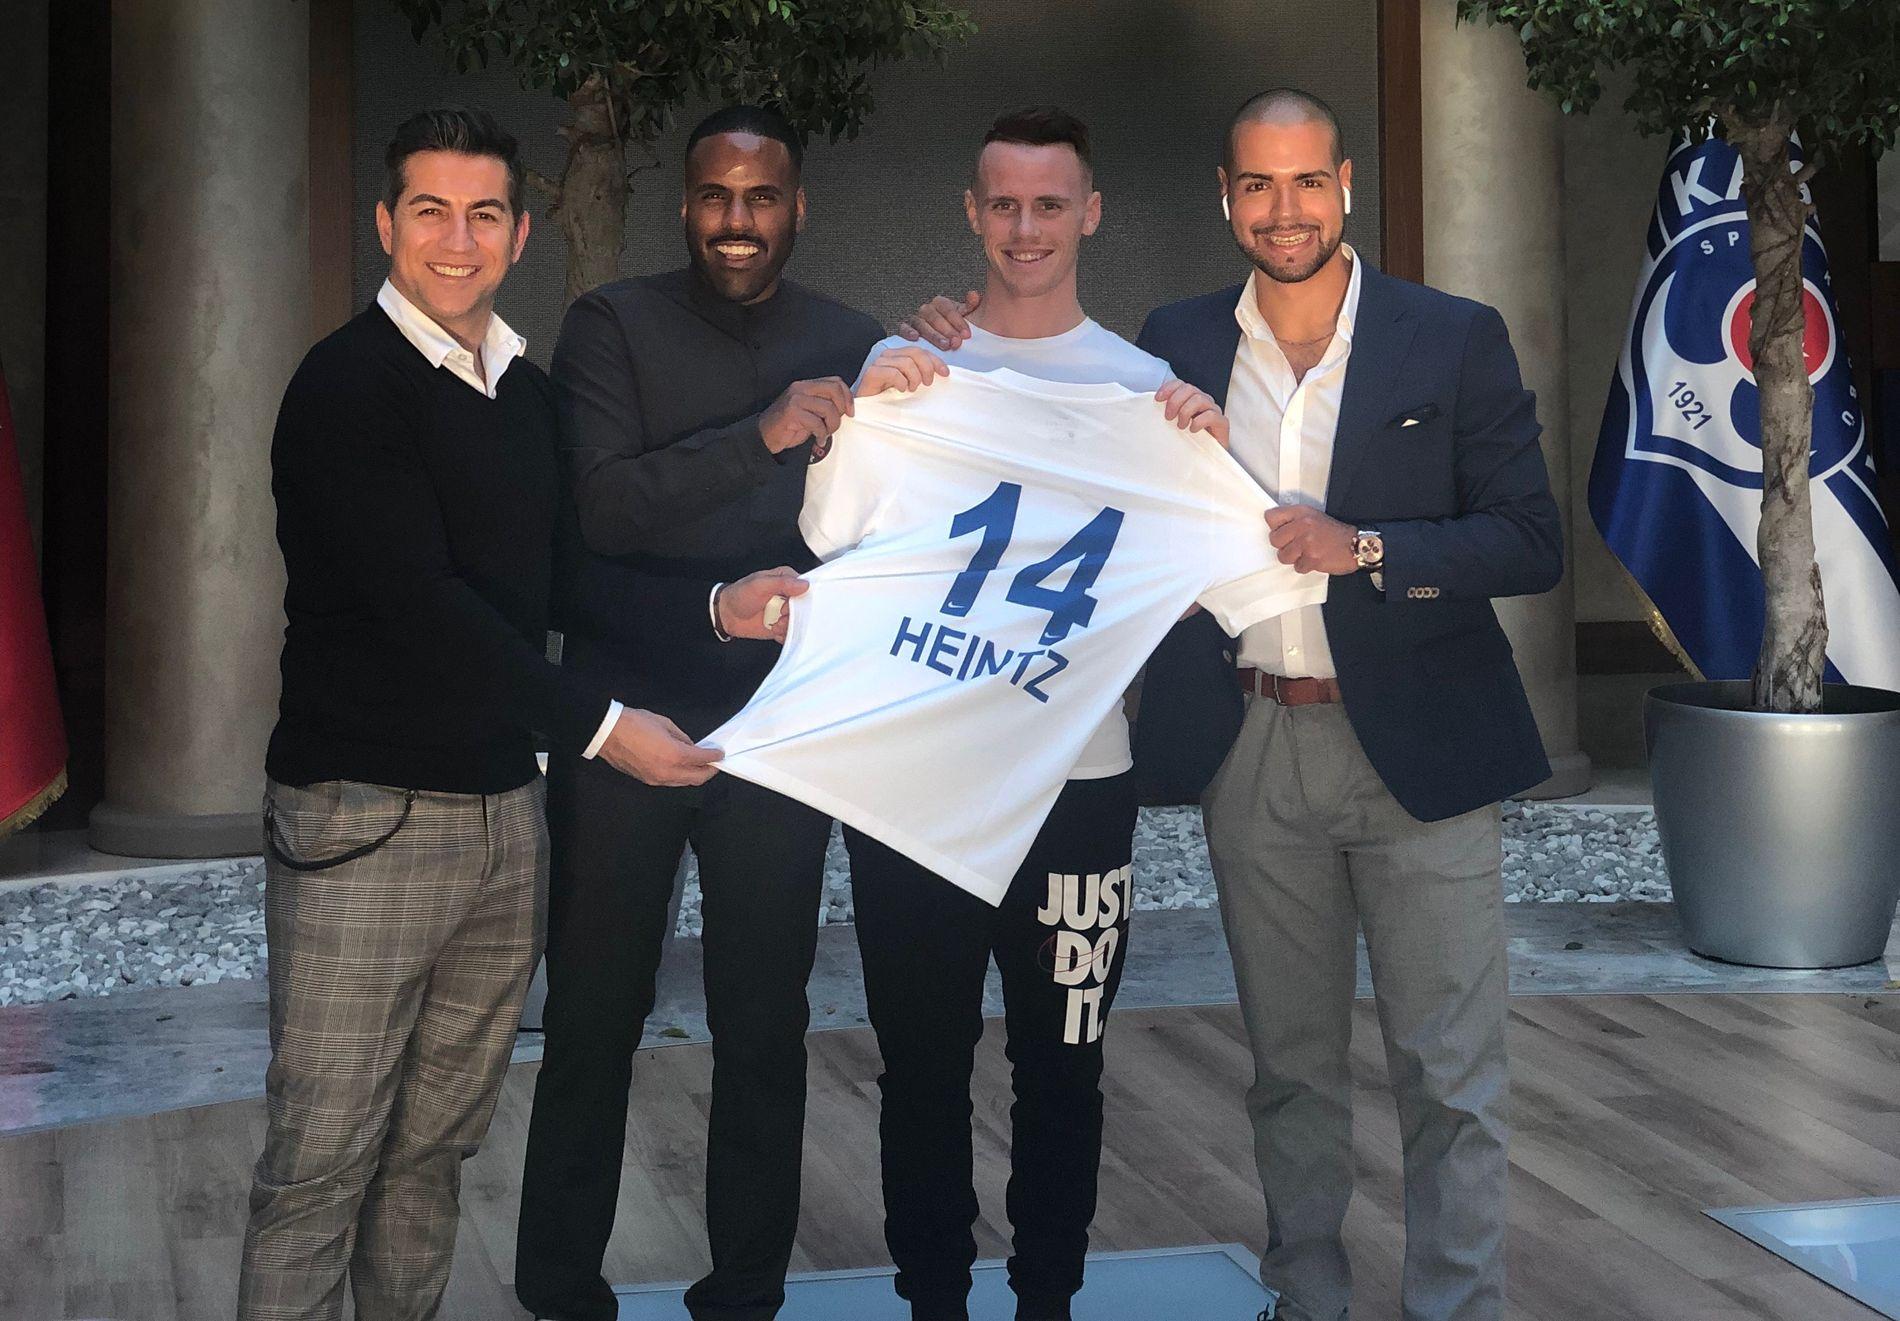 TYRKIA-KLAR: Her poserer Tobias Heintz med sin nye drakt i Kasimpasas klubblokaler sammen med sine agenter Imad El Hammichi og Amanuel Kidane.